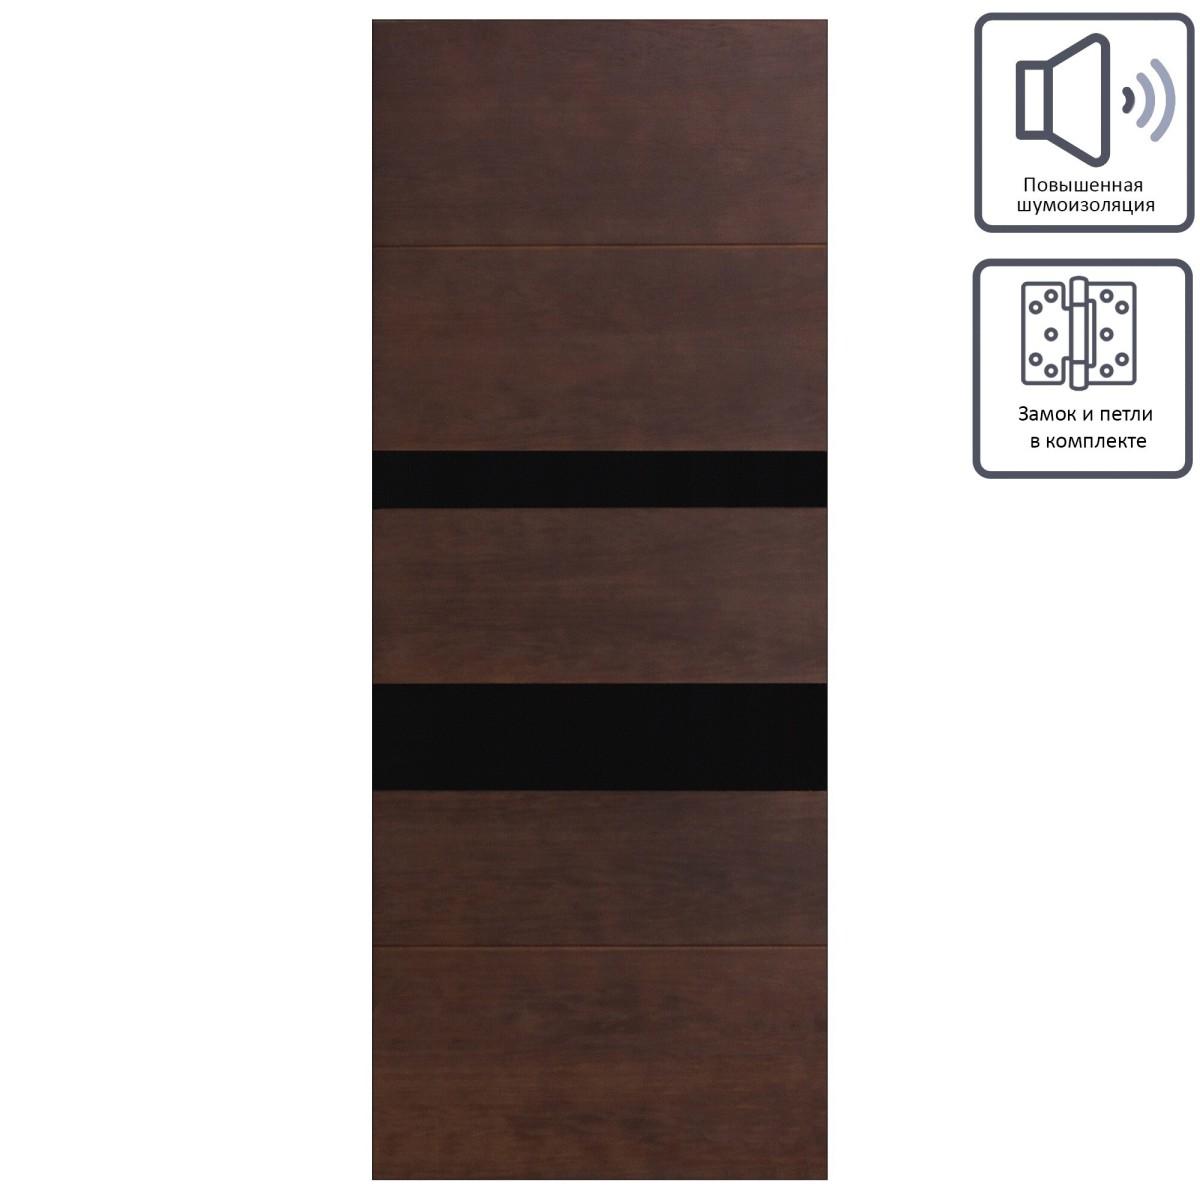 Дверь Межкомнатная Остеклённая Шпон Модерн 60x200 Цвет Антик